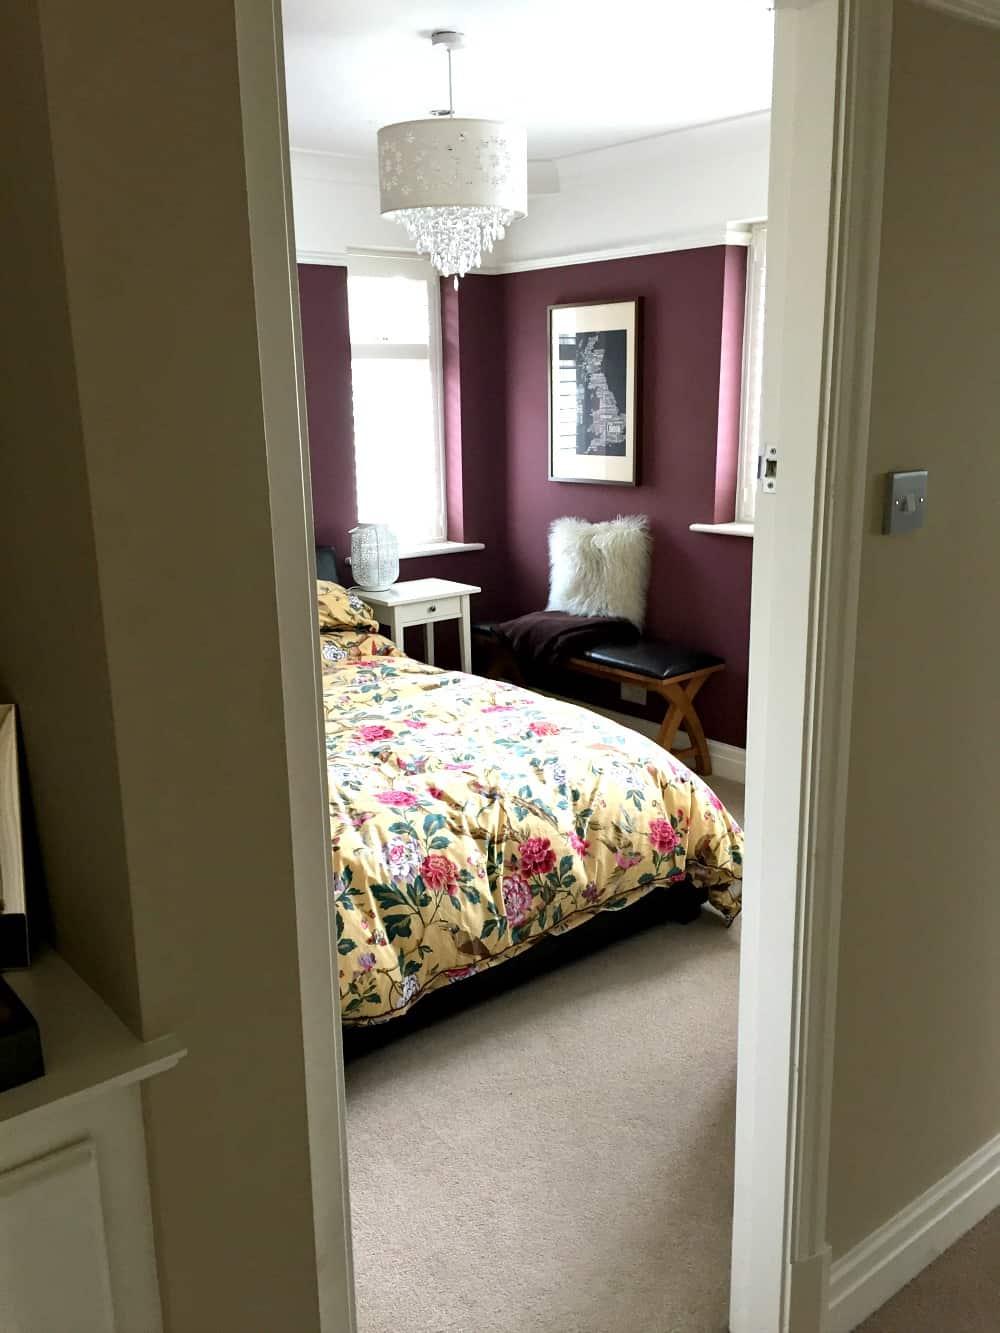 Little Greene paint company Adventurer paint - Dark bedroom walls - Aubergine coloured walls in bedroom - interior design - bedroom design